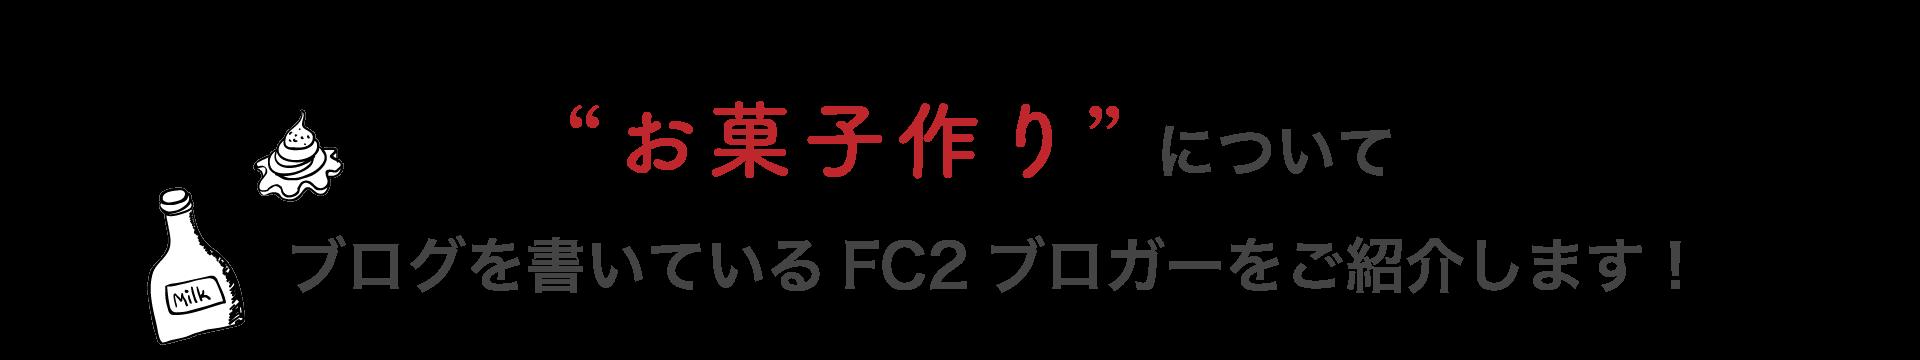 """""""お菓子作り""""についてブログを書いているFC2ブロガーをご紹介します!"""